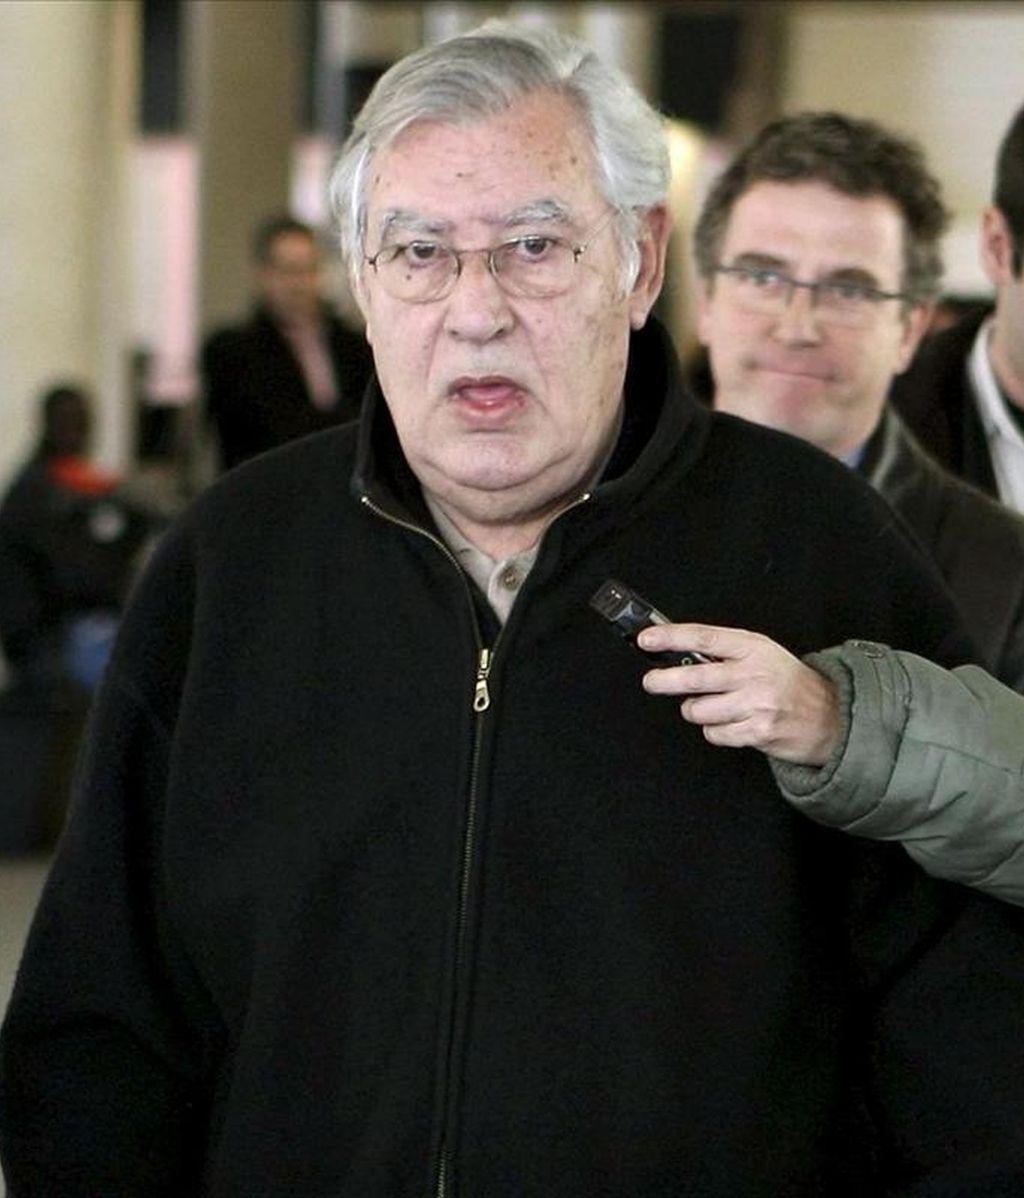 El ex director del Palau de la Música Catalana, Felix Millet, principal imputado por el expolio del Palau de la Música, a la salida de los Juzgados. EFE/Archivo